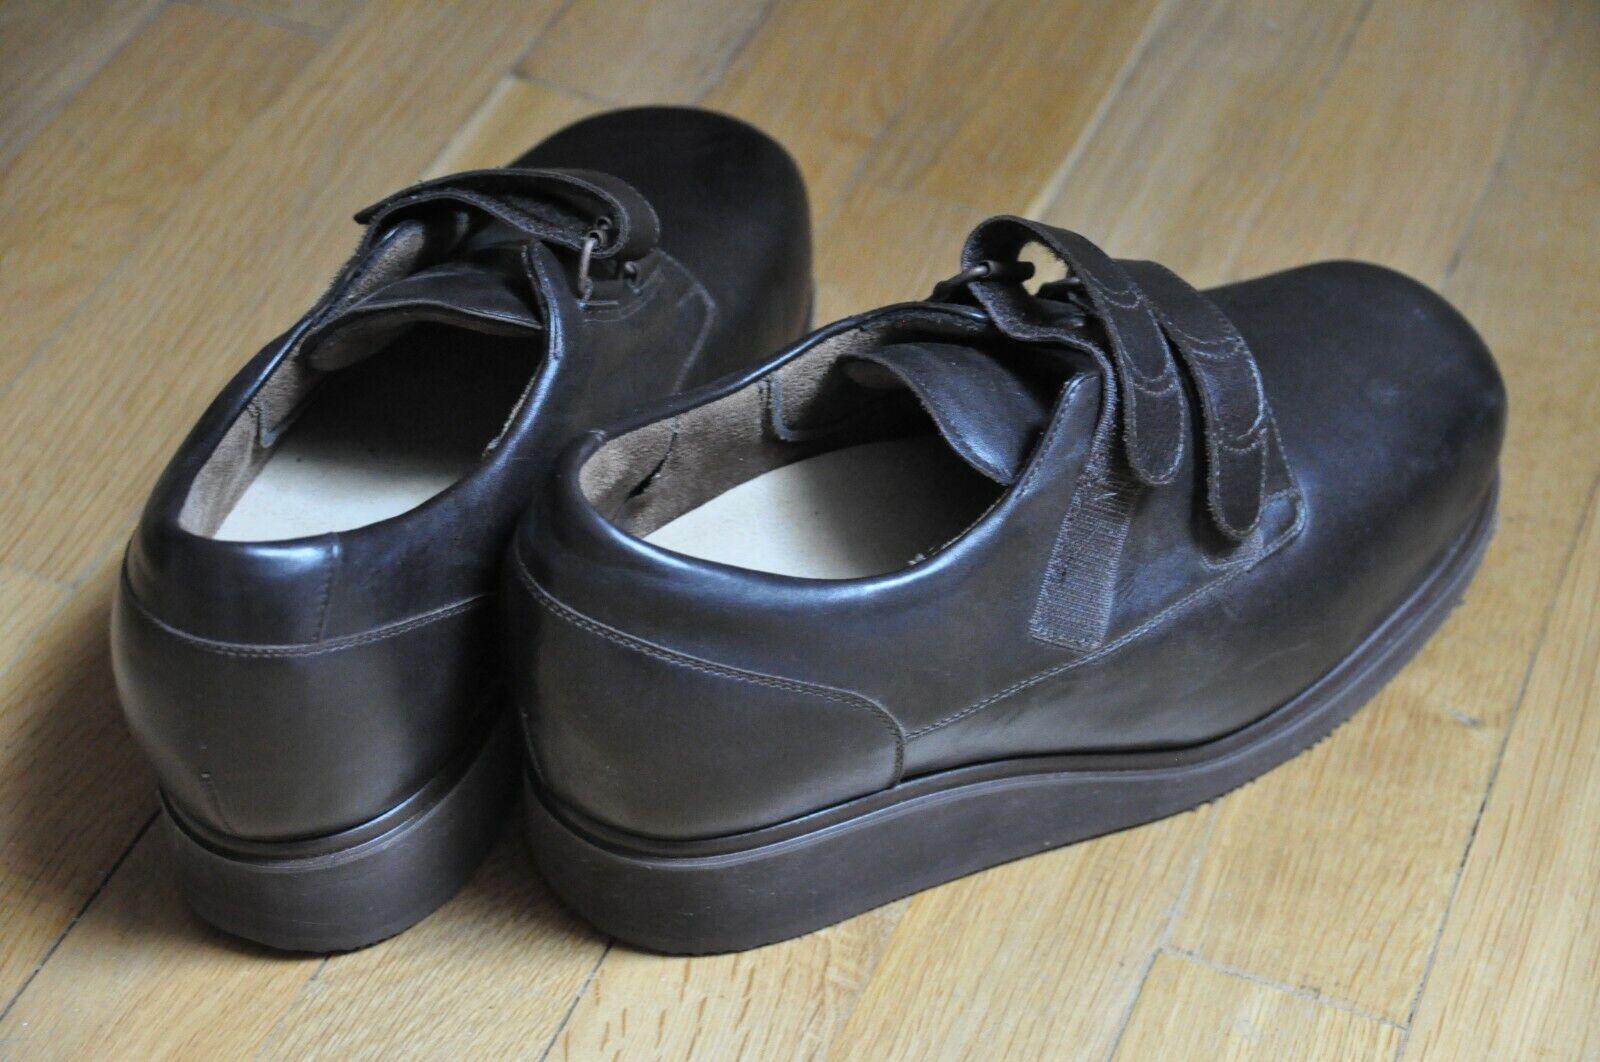 Orthopädischer Diabetiker für Schuh f0357nufa44511